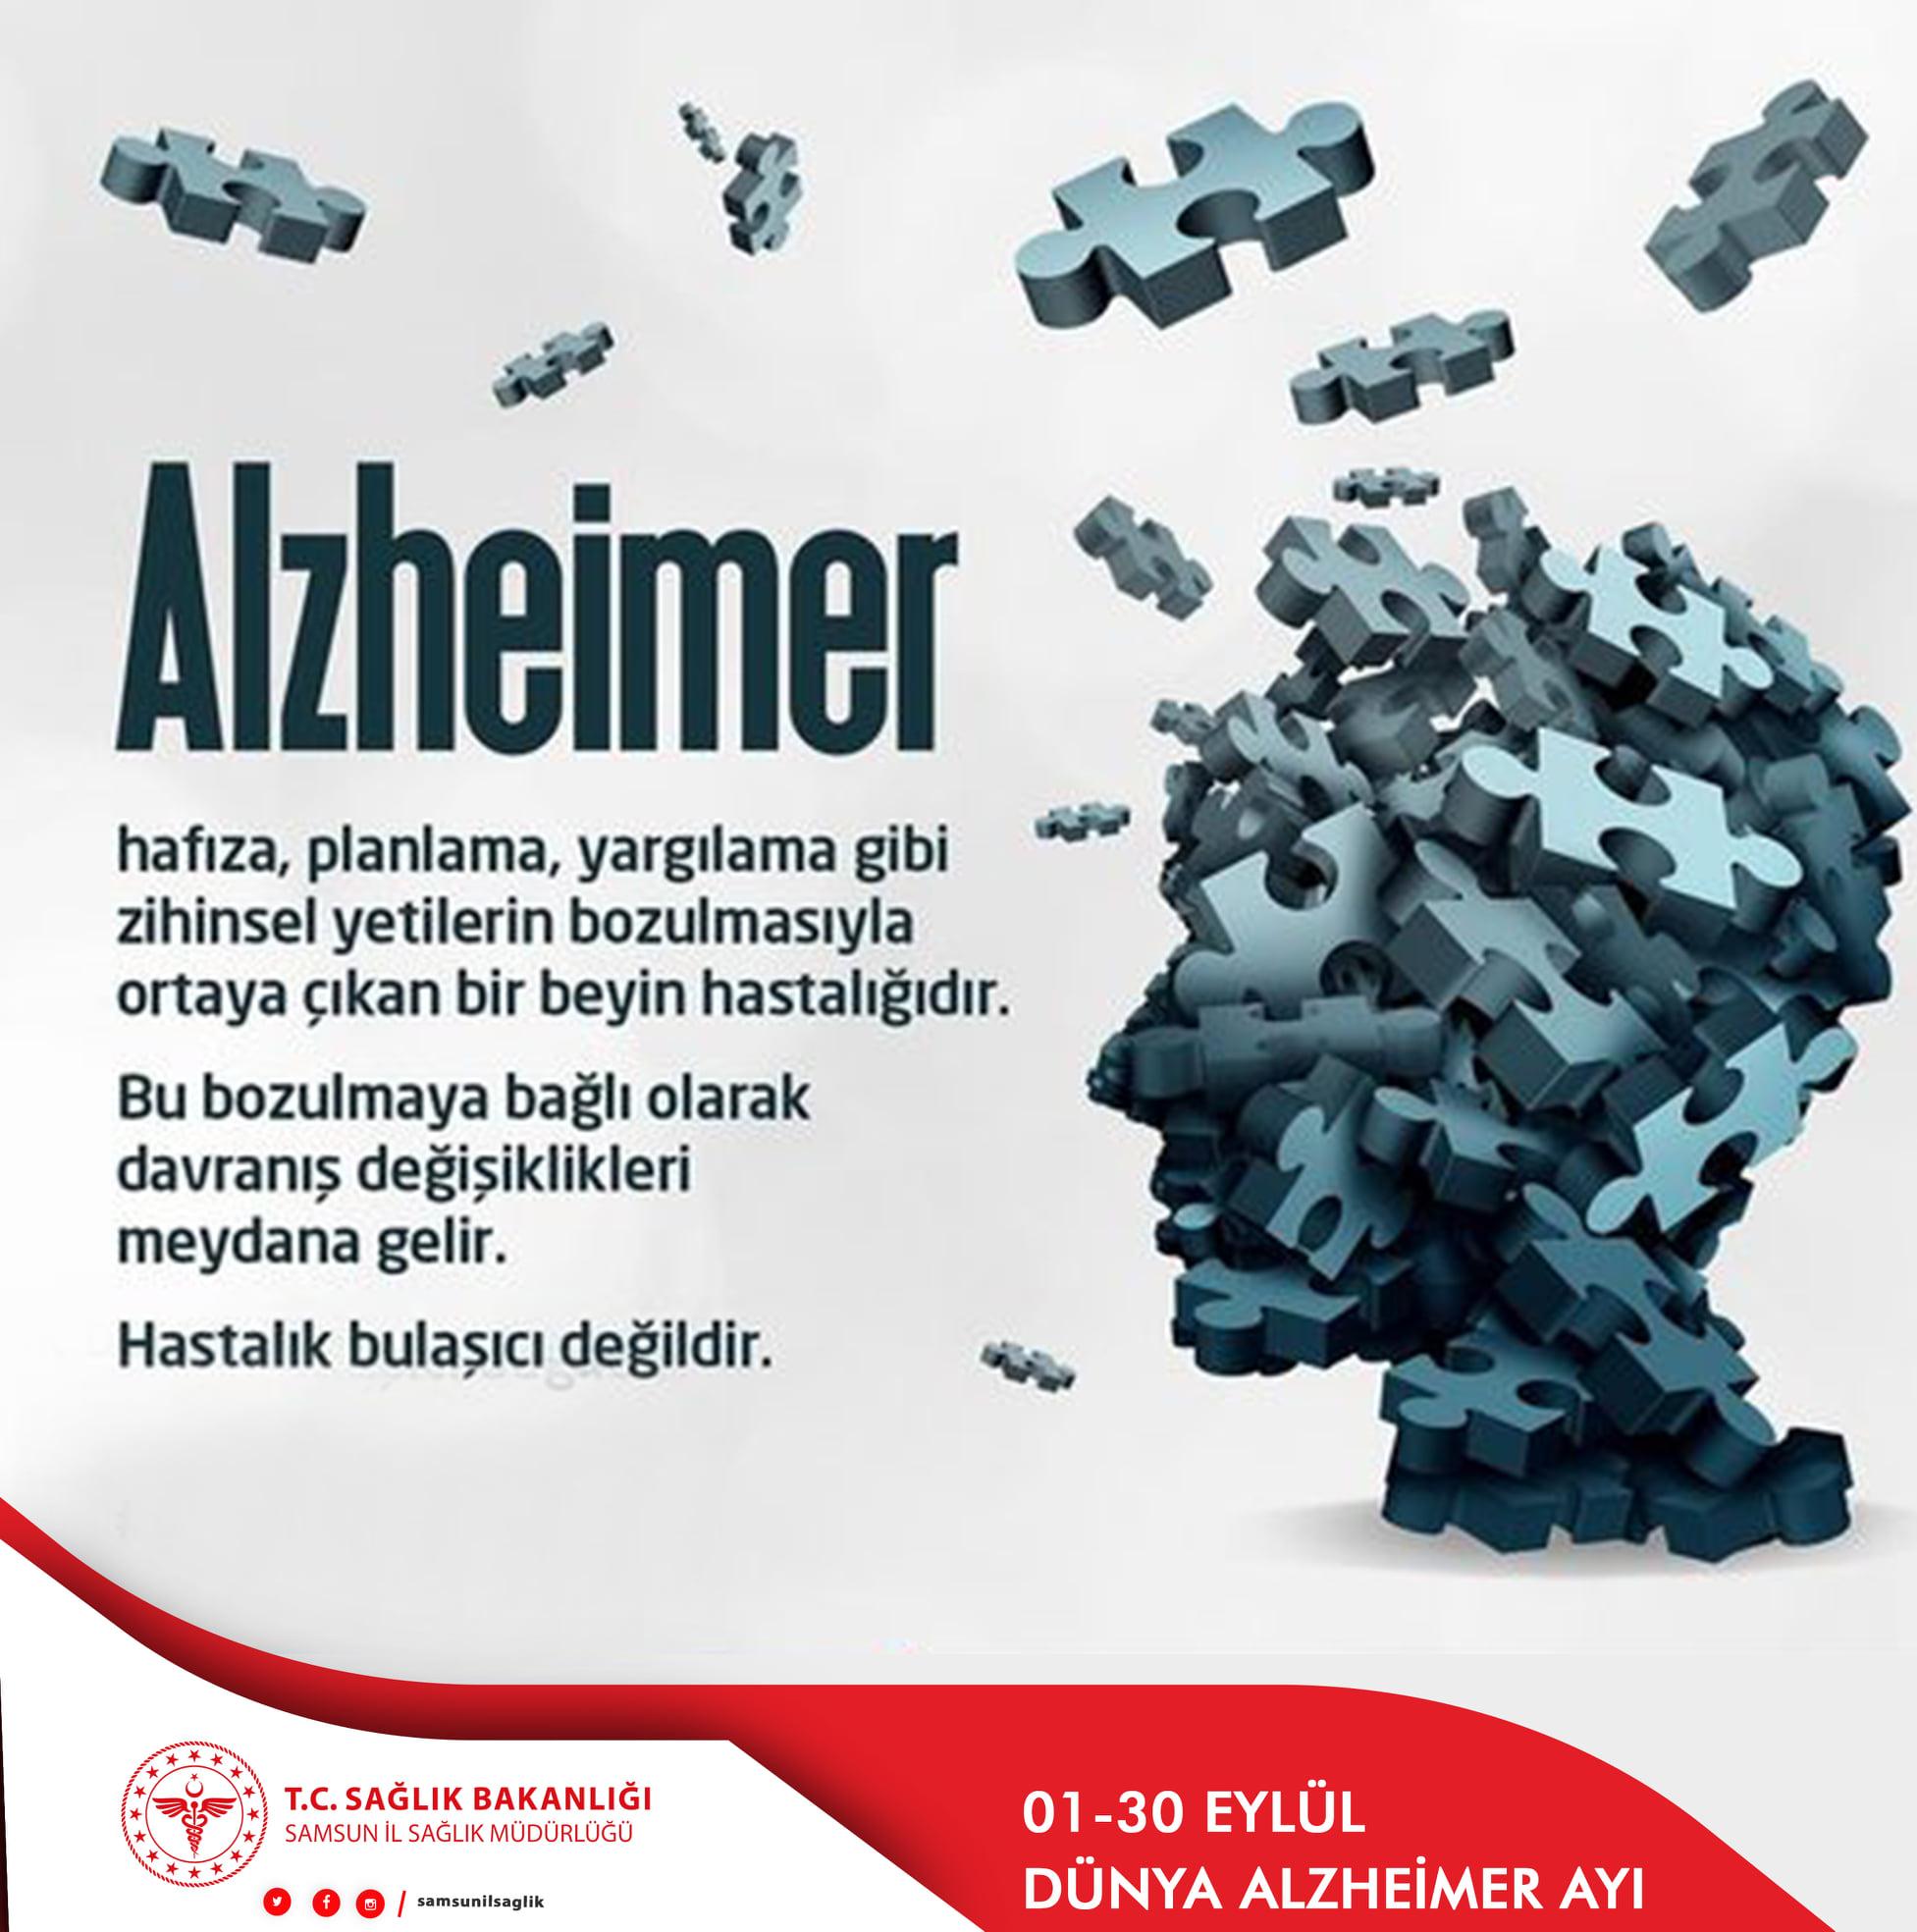 1-30 Eylül Dünya Alzheimer Ayı.jpg